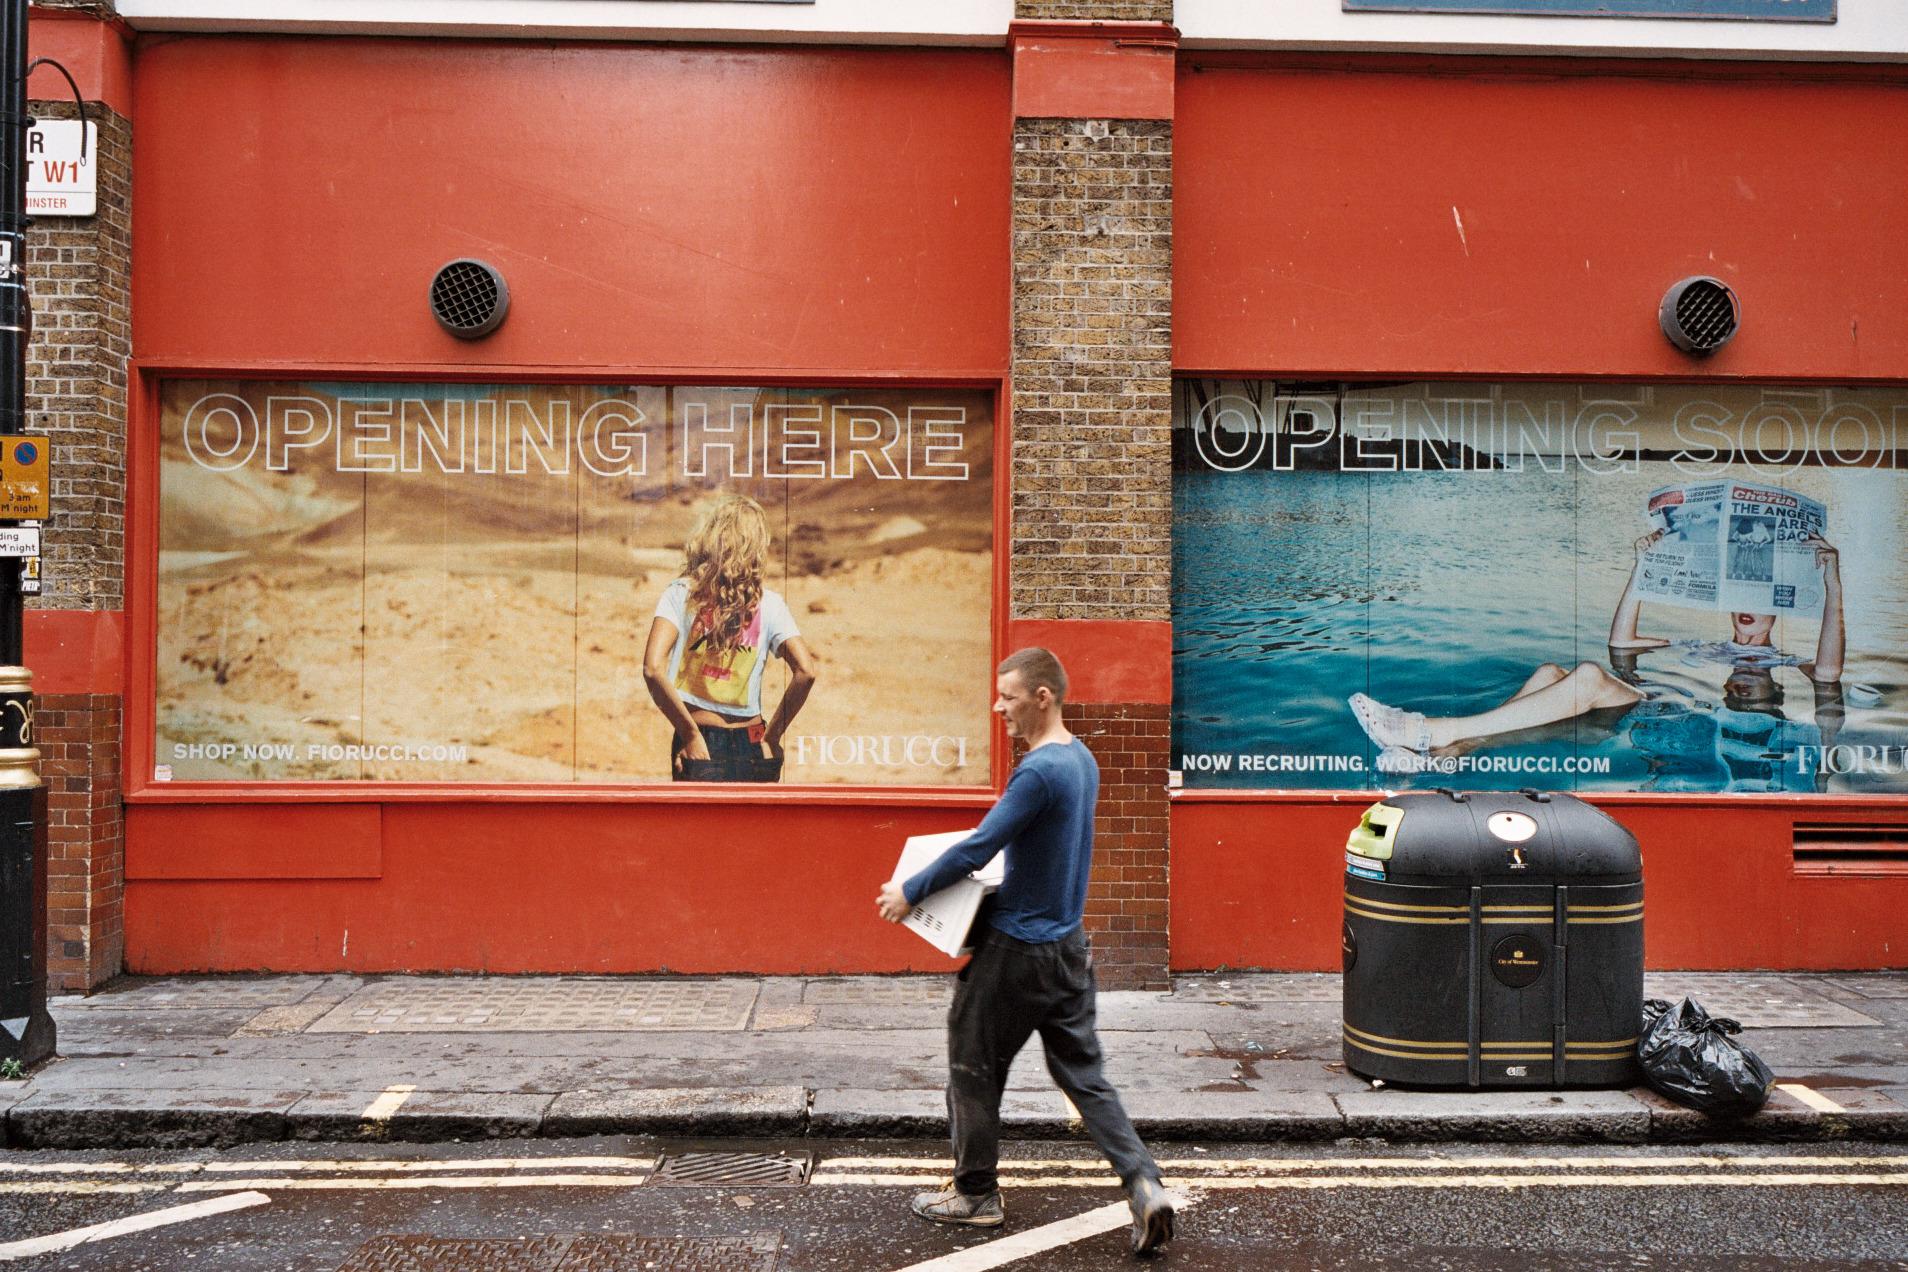 The Fiorucci store in London